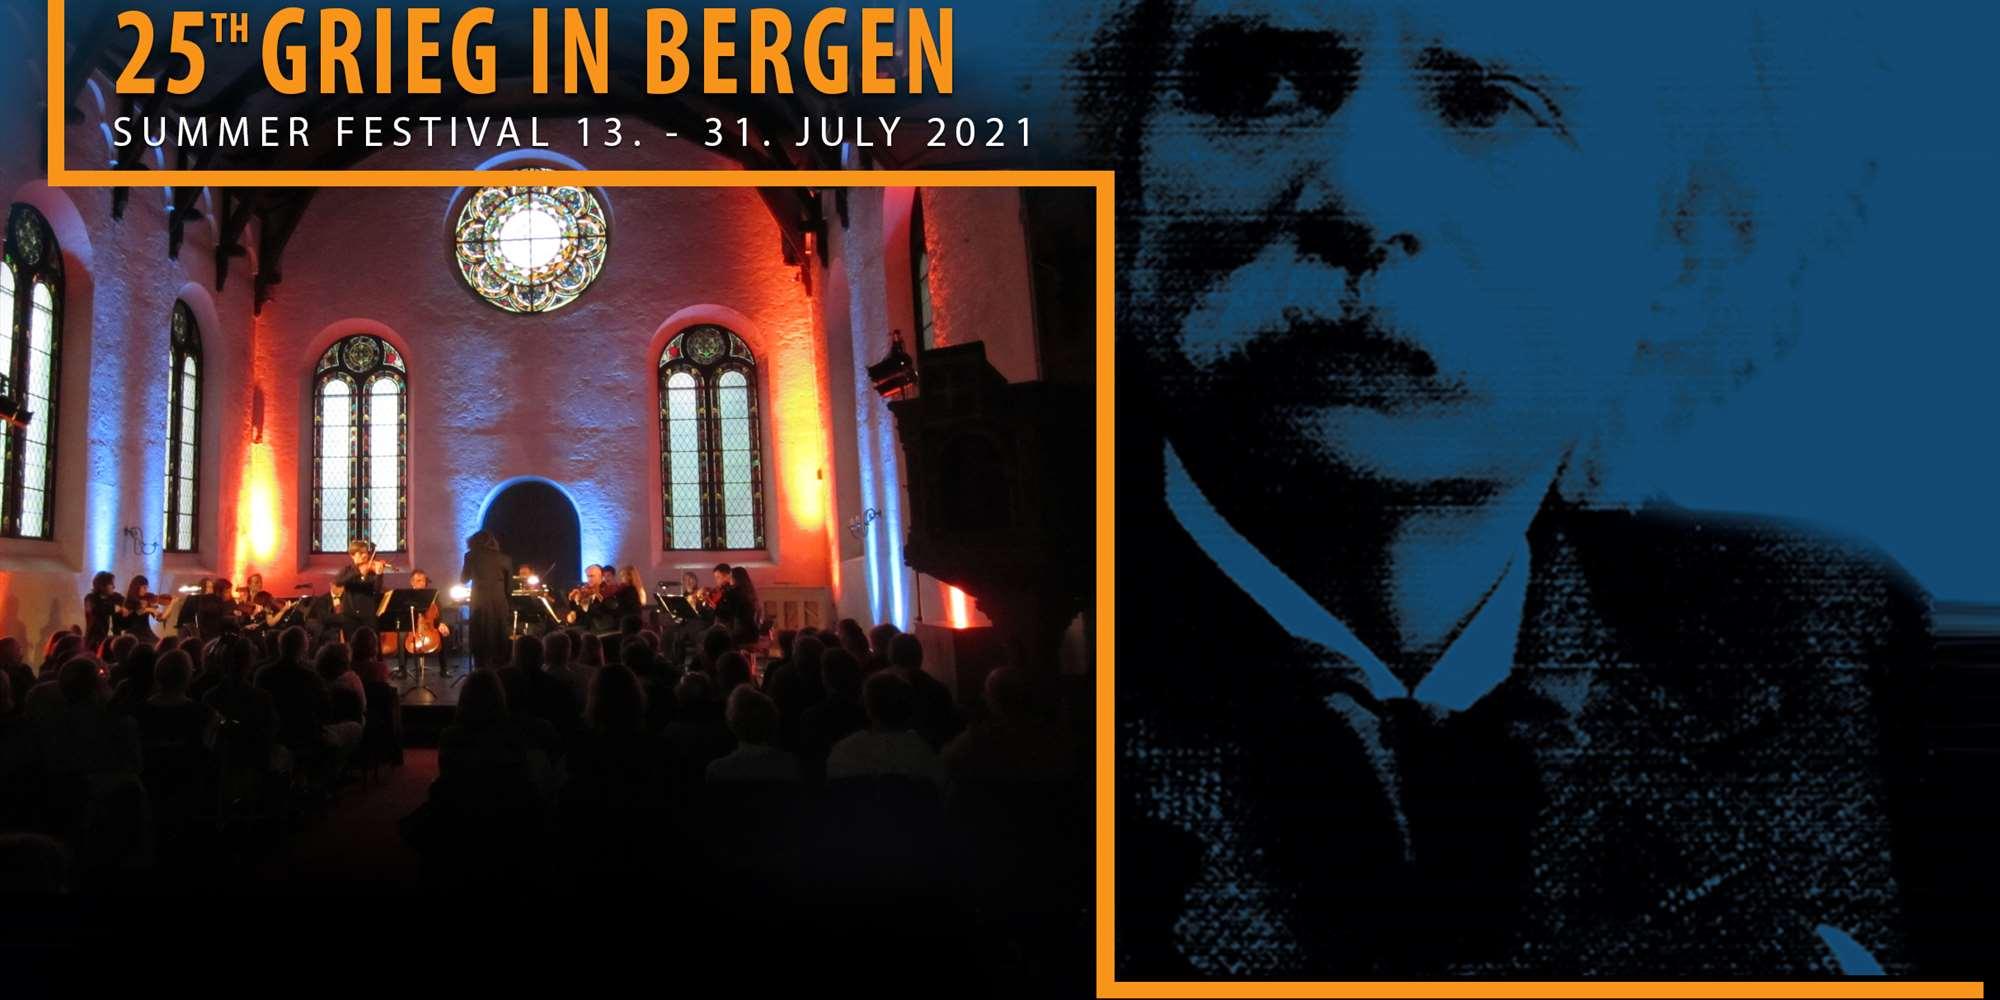 Grieg in Bergen